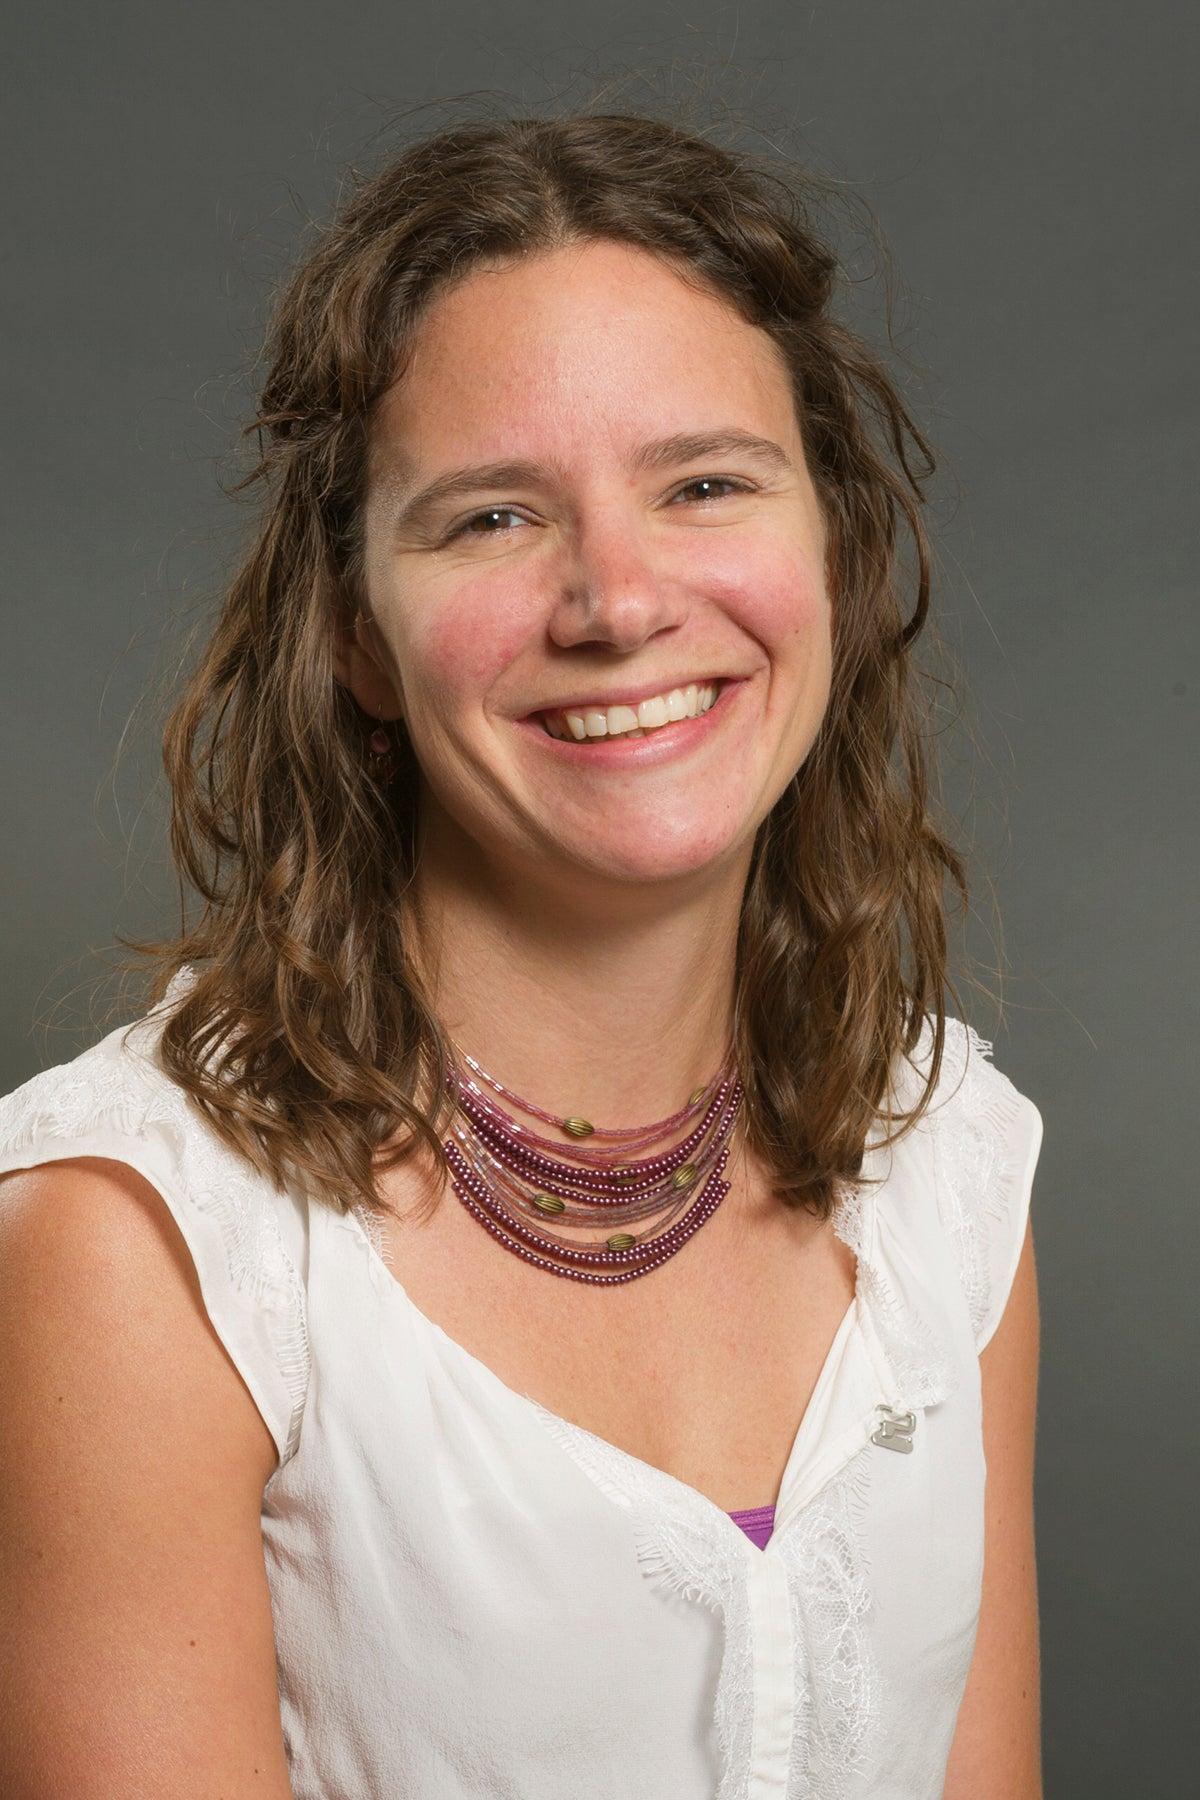 Nicole O'Reilly, Assistant Professor, Social Work